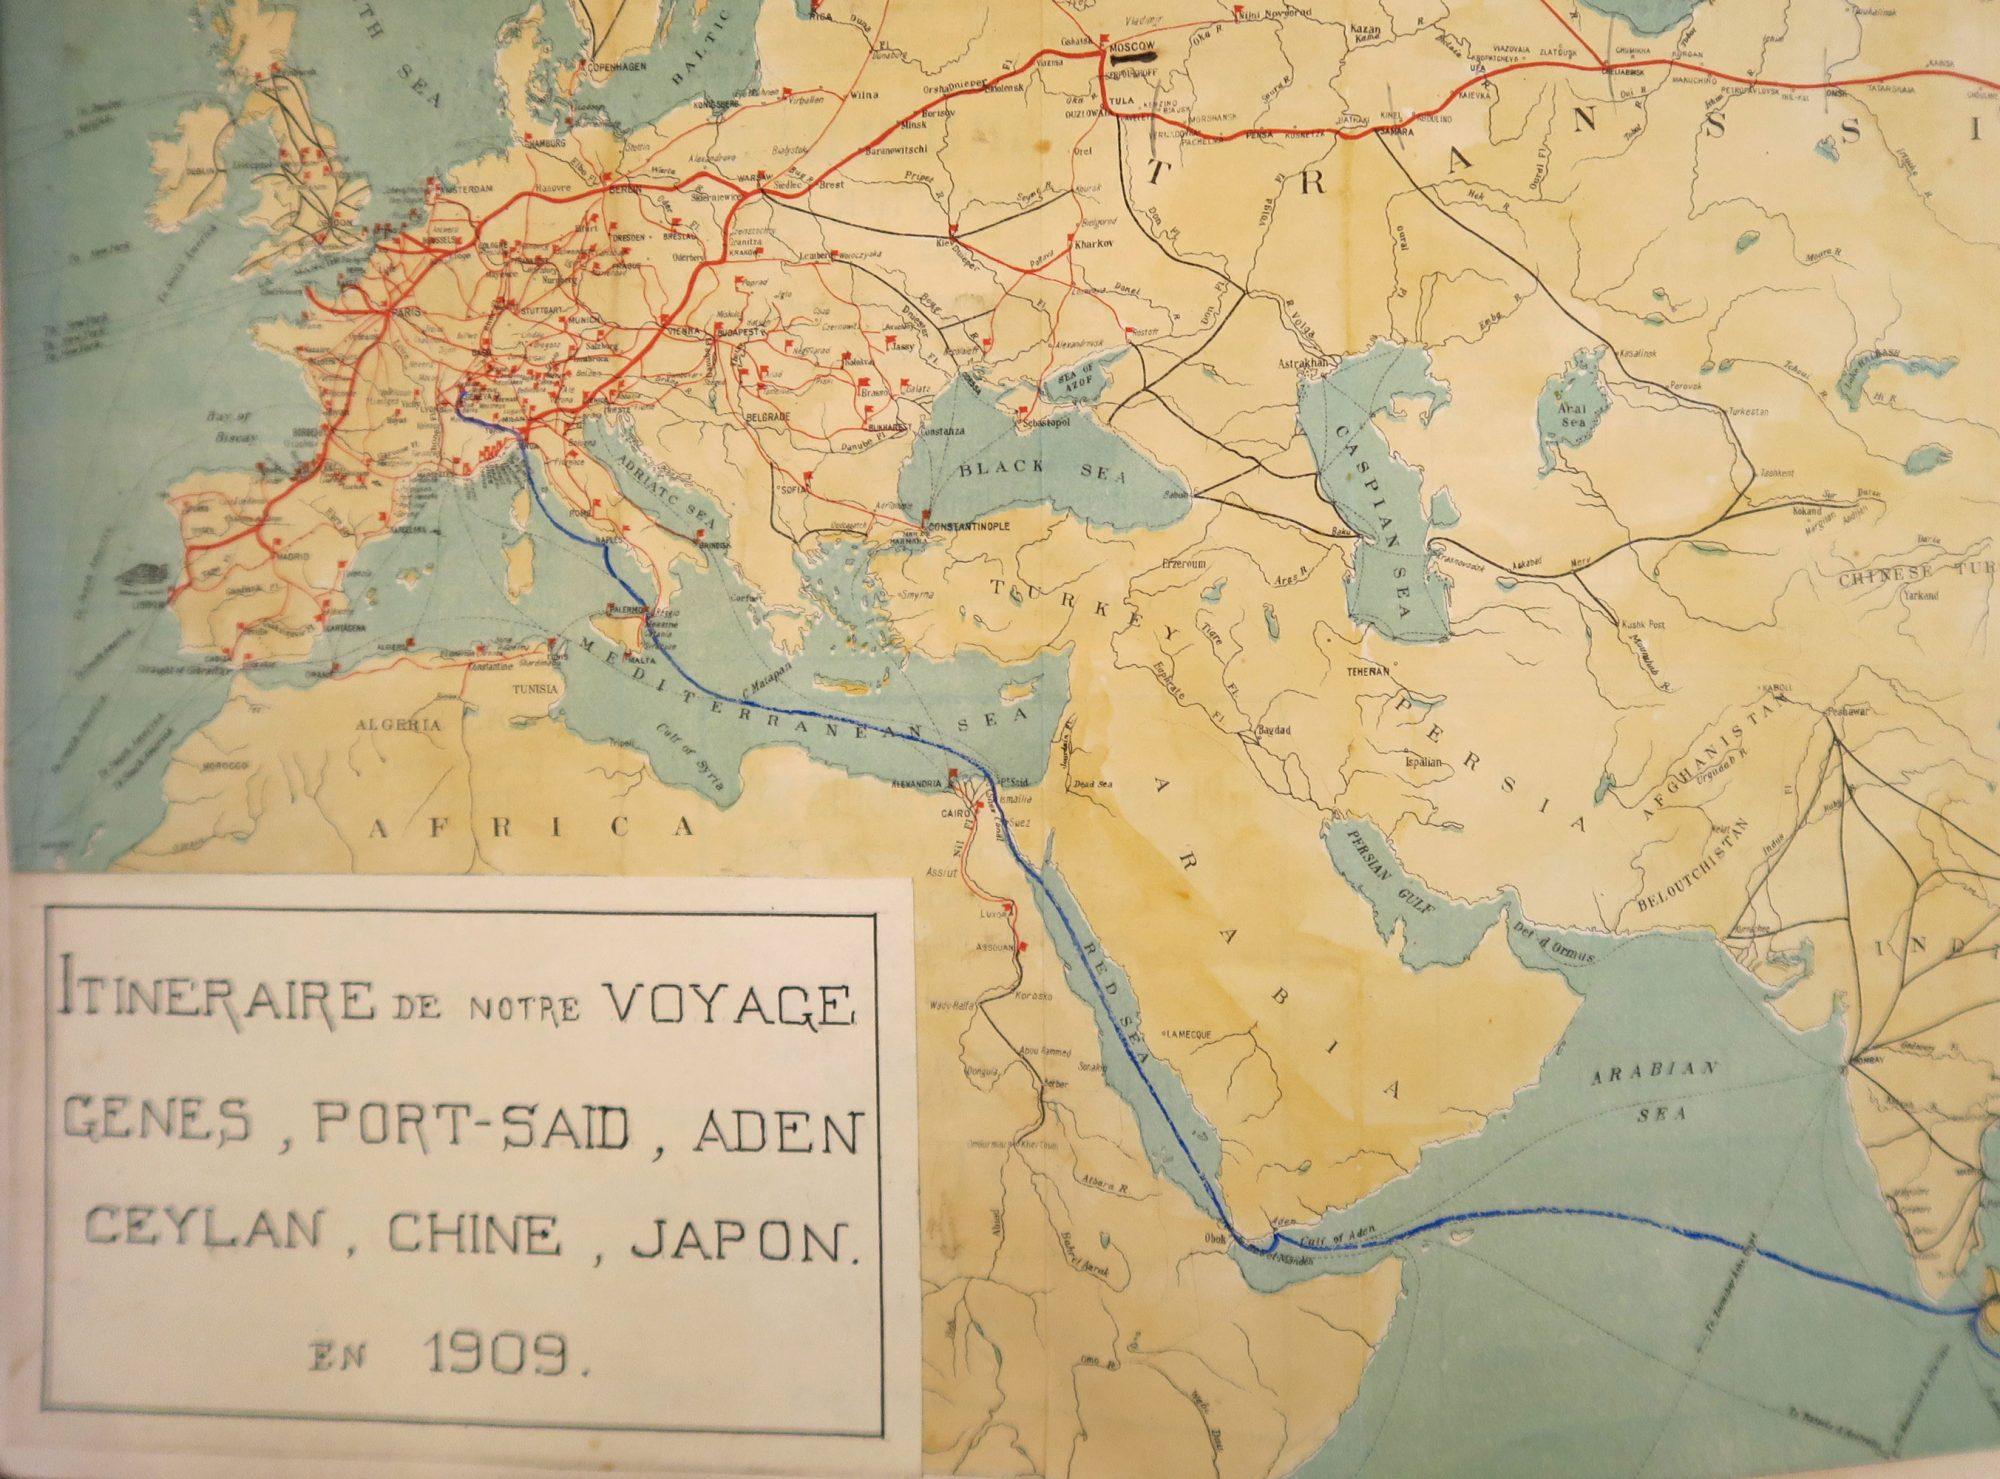 Notes de notre voyage à Ceylan, en Chine et au Japon du 15 janvier au 18 mai 1909.